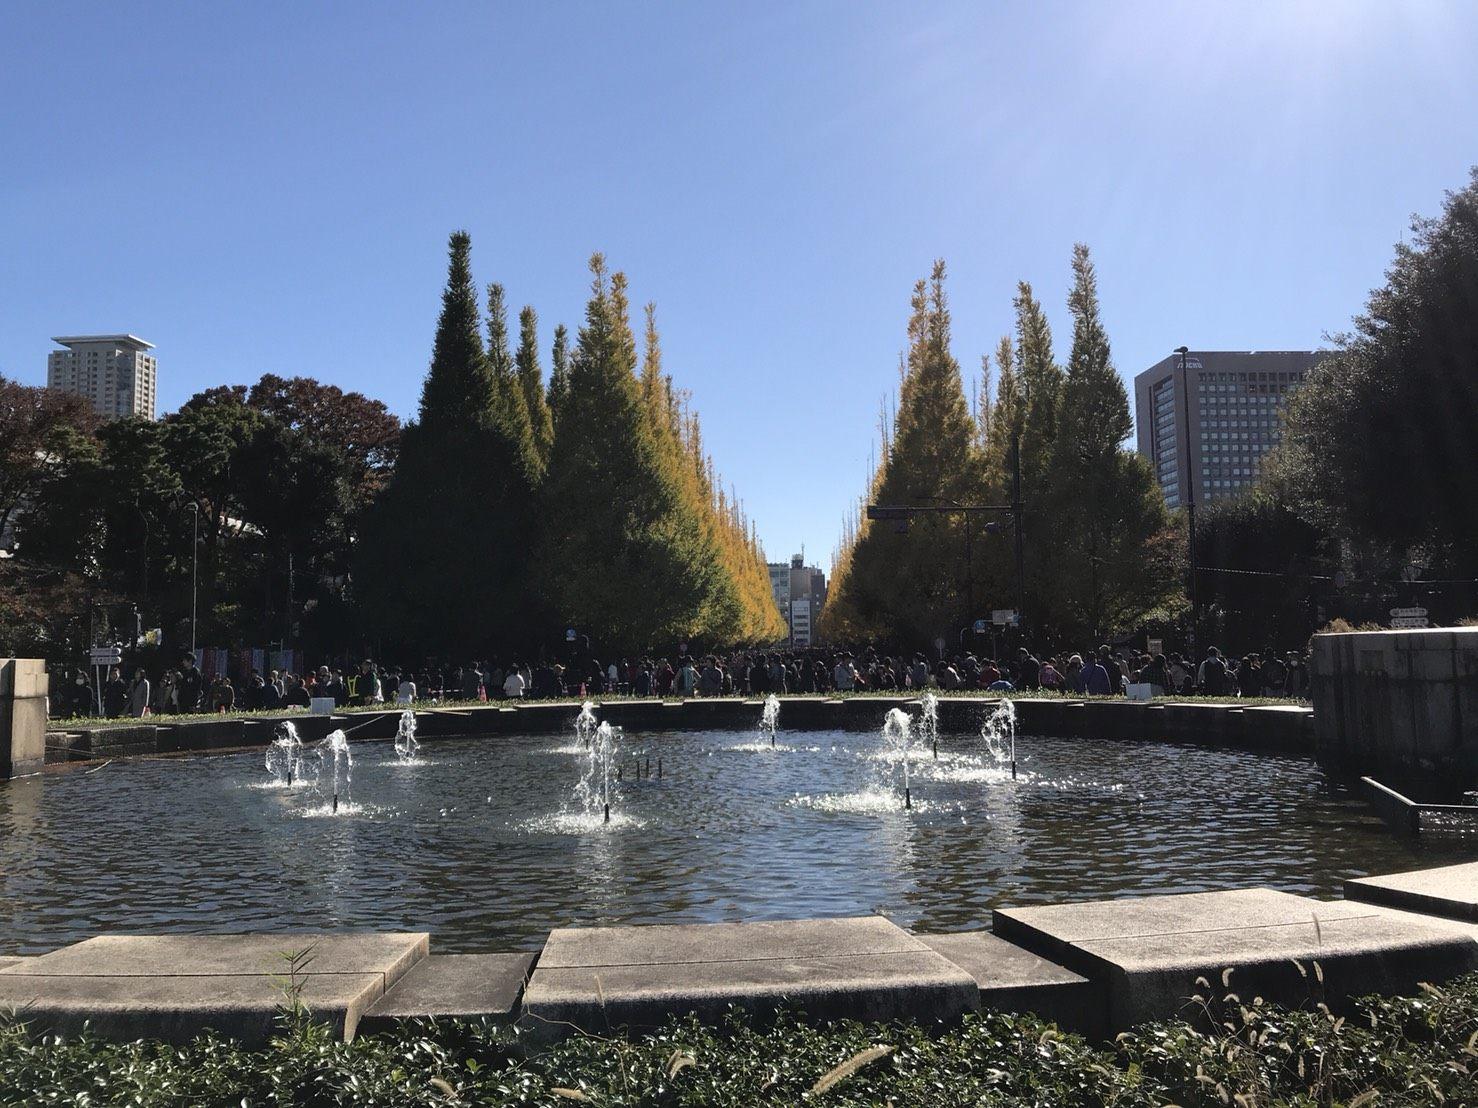 外苑的喷水广场